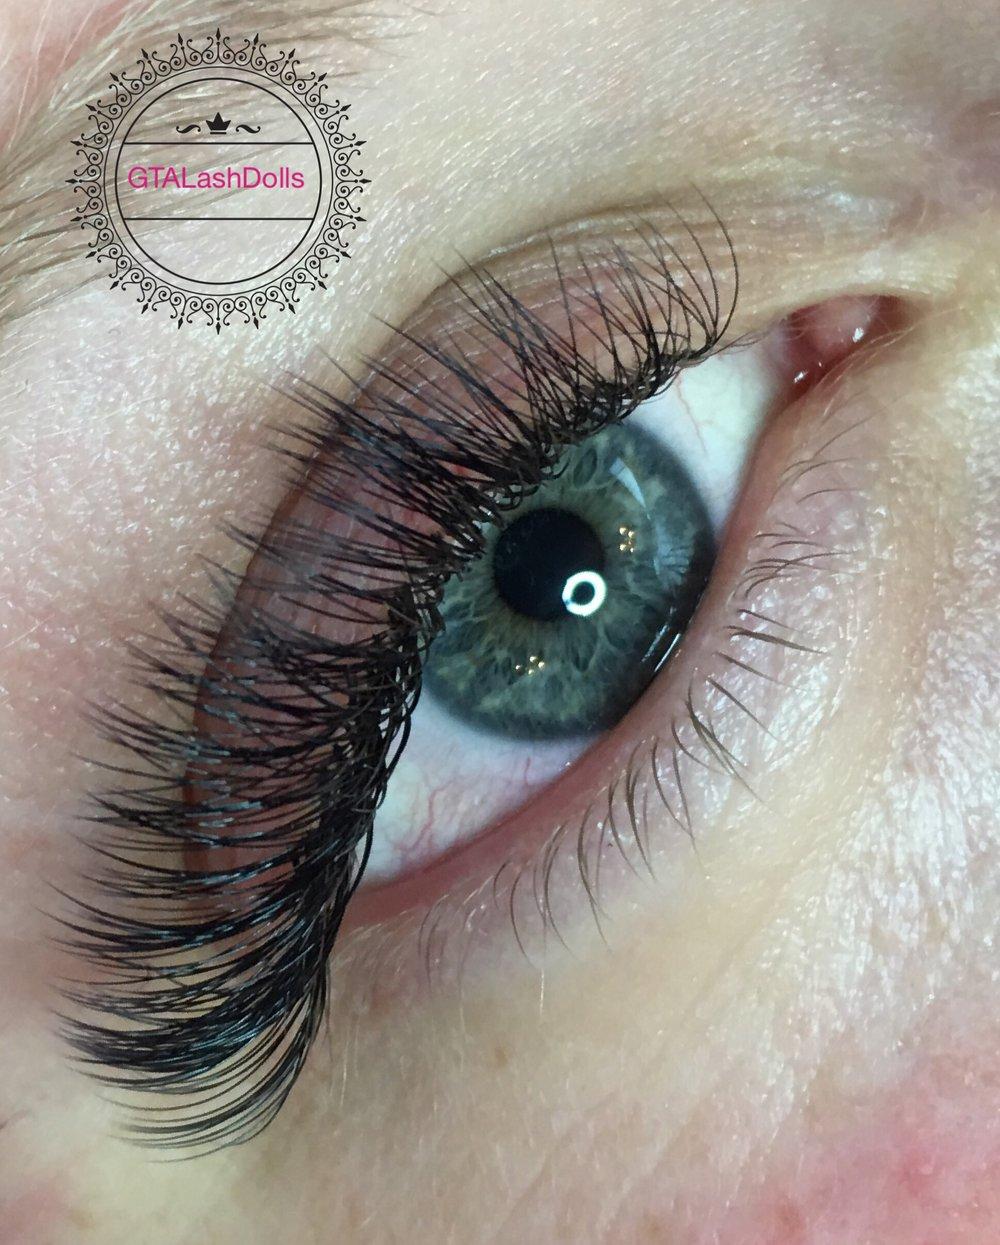 Eyelash Extensions Toronto Gta Lash Dolls